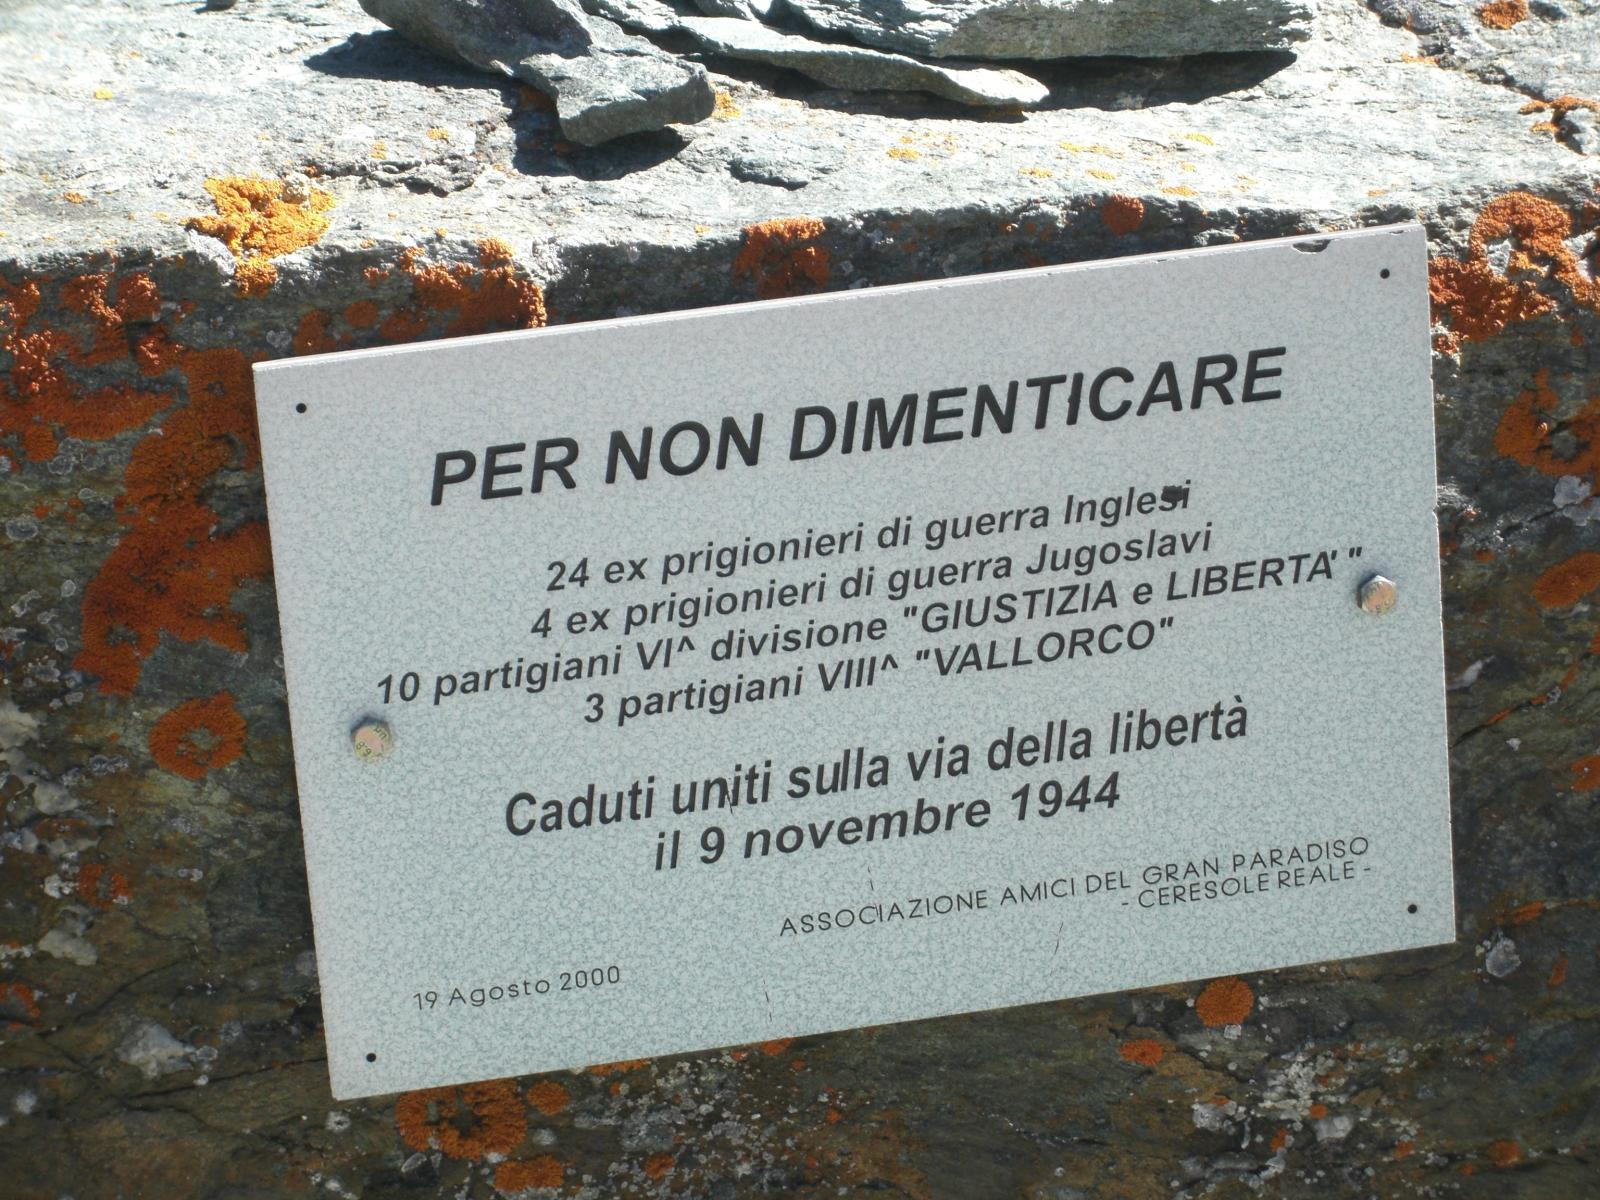 Lapide al Colle Galisia a ricordo dei tragici eventi del novembre 1944